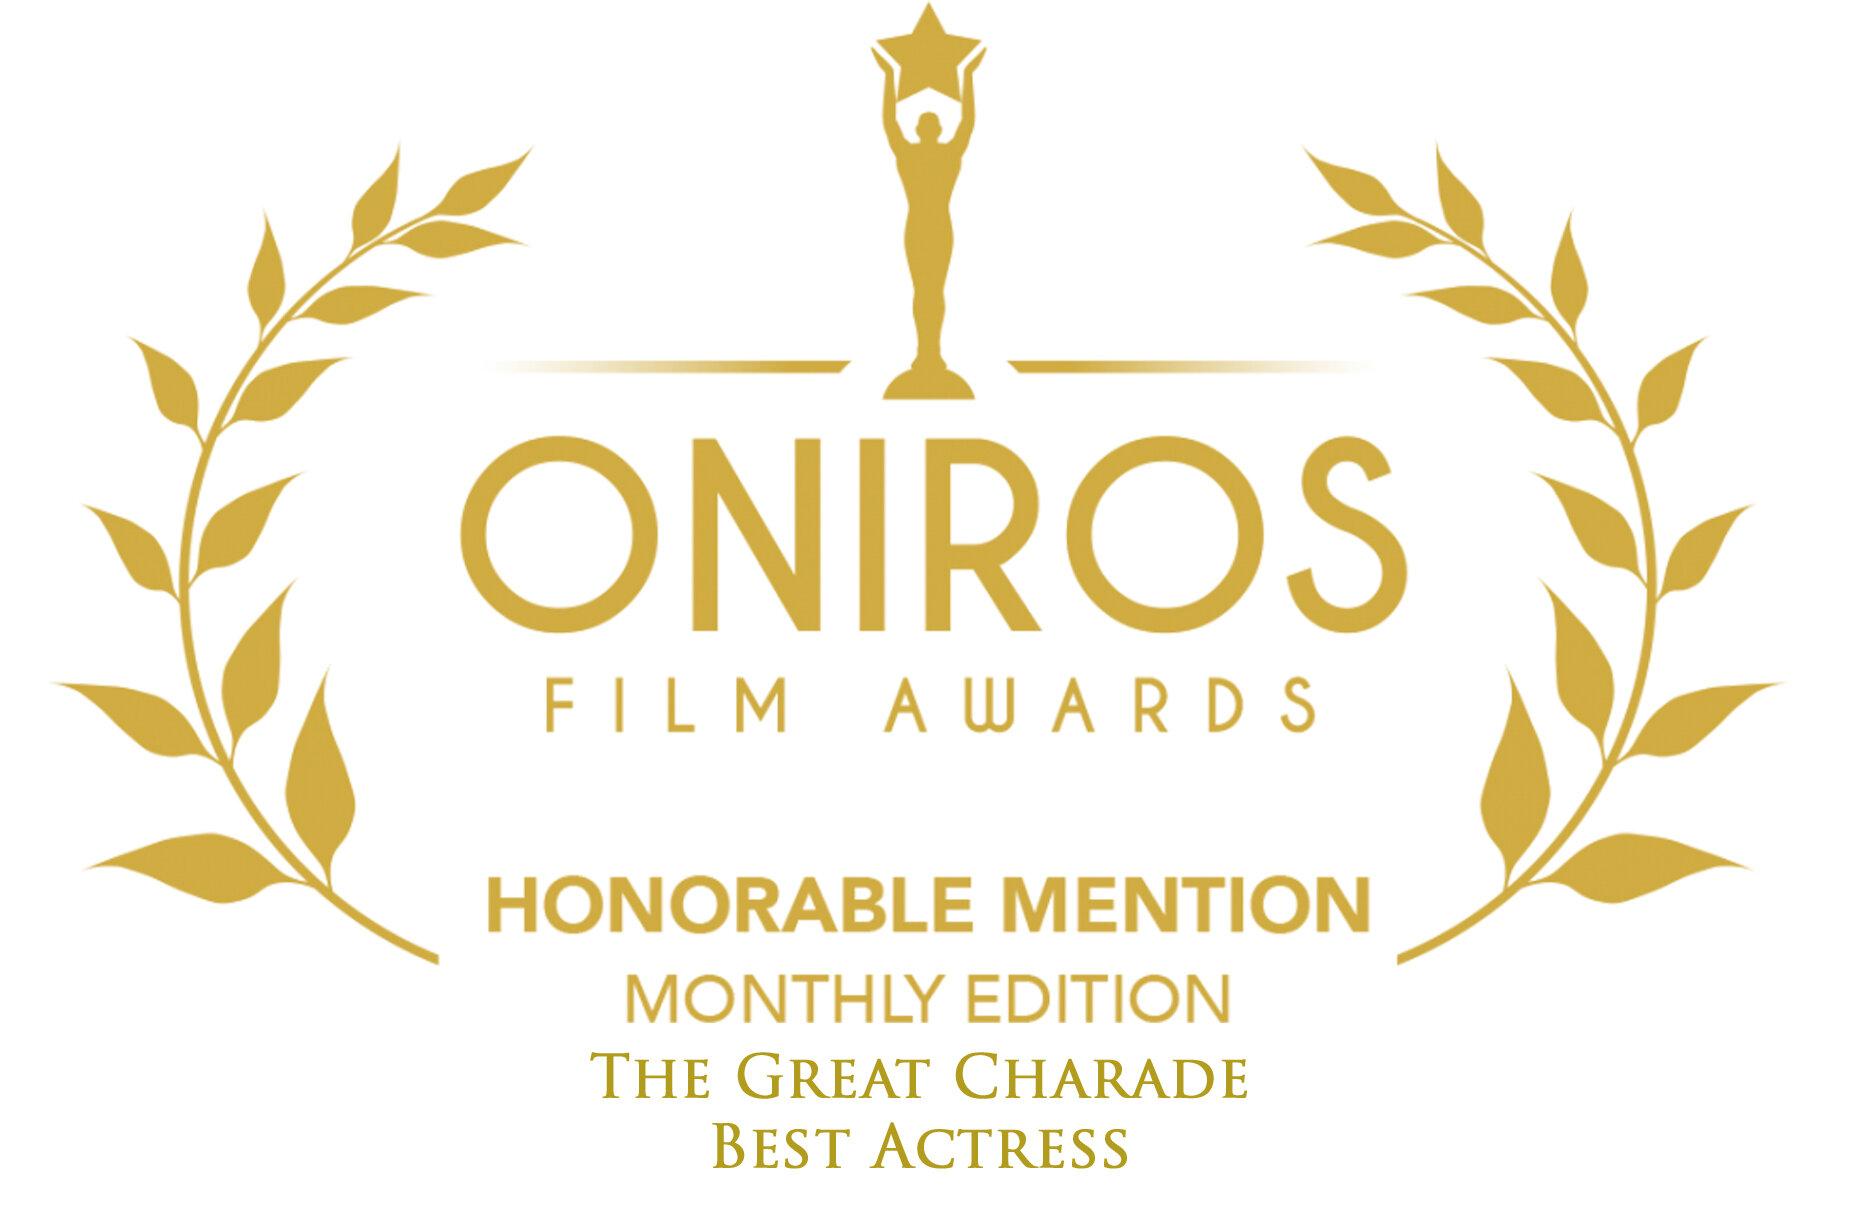 Honorable Mention laurel.jpg